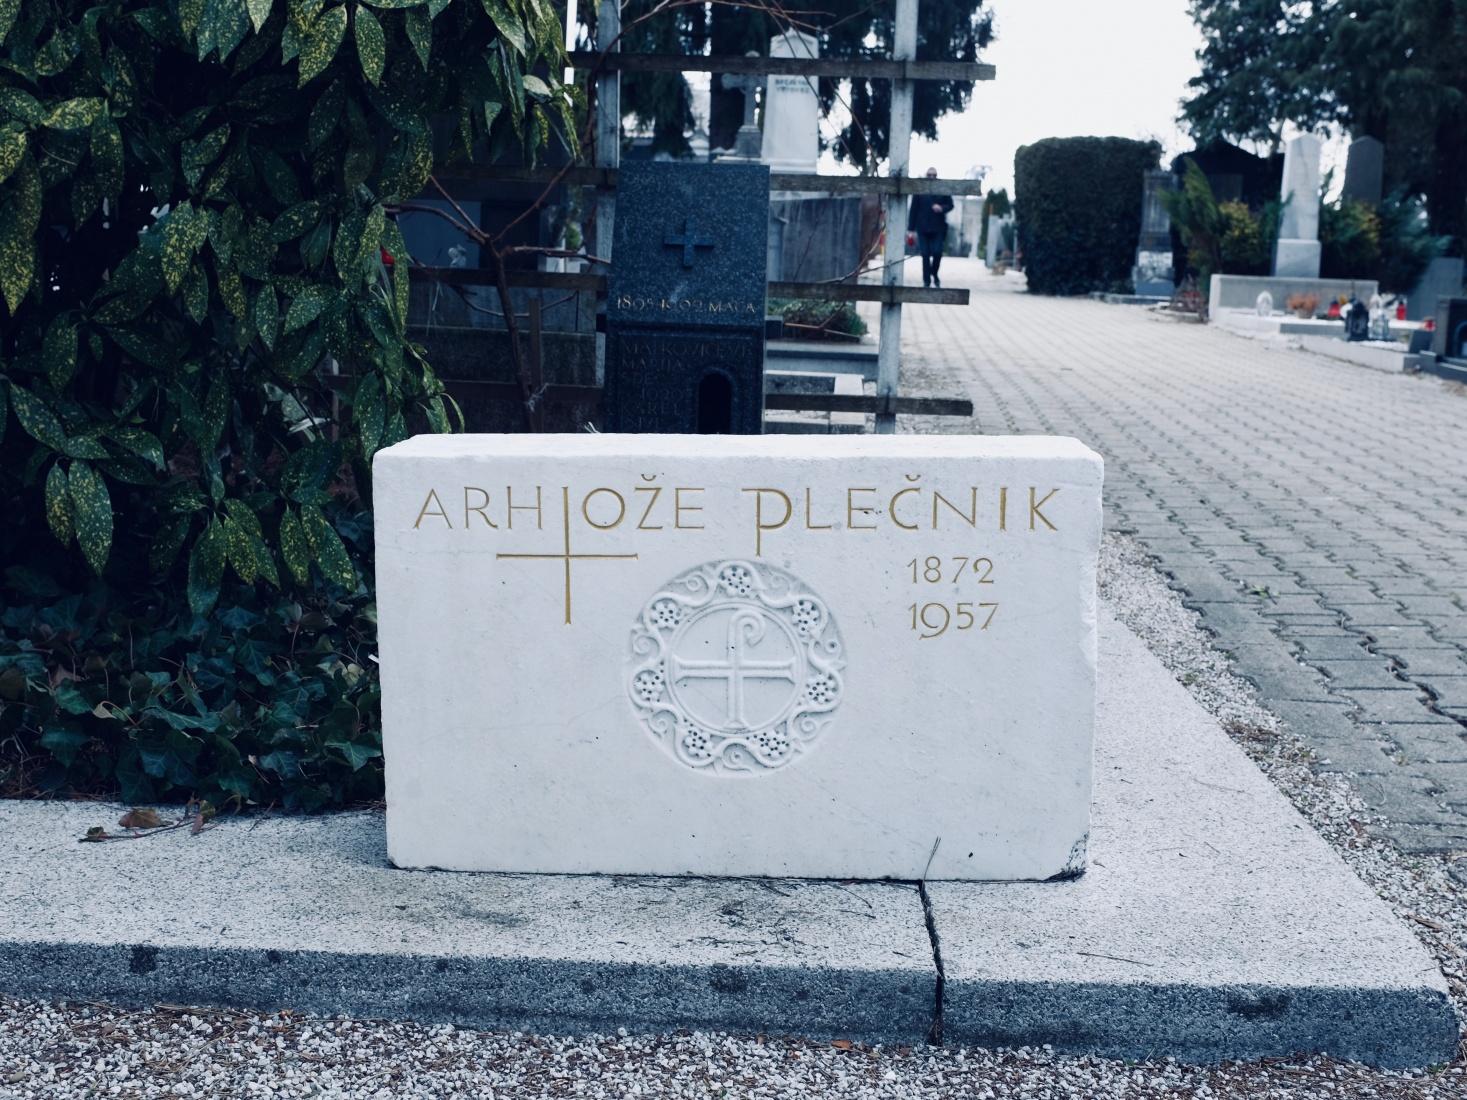 Grave-marker of famed Ljubljana-based architect and designer Jože Plečnik, in Ljubljana, Slovenia.